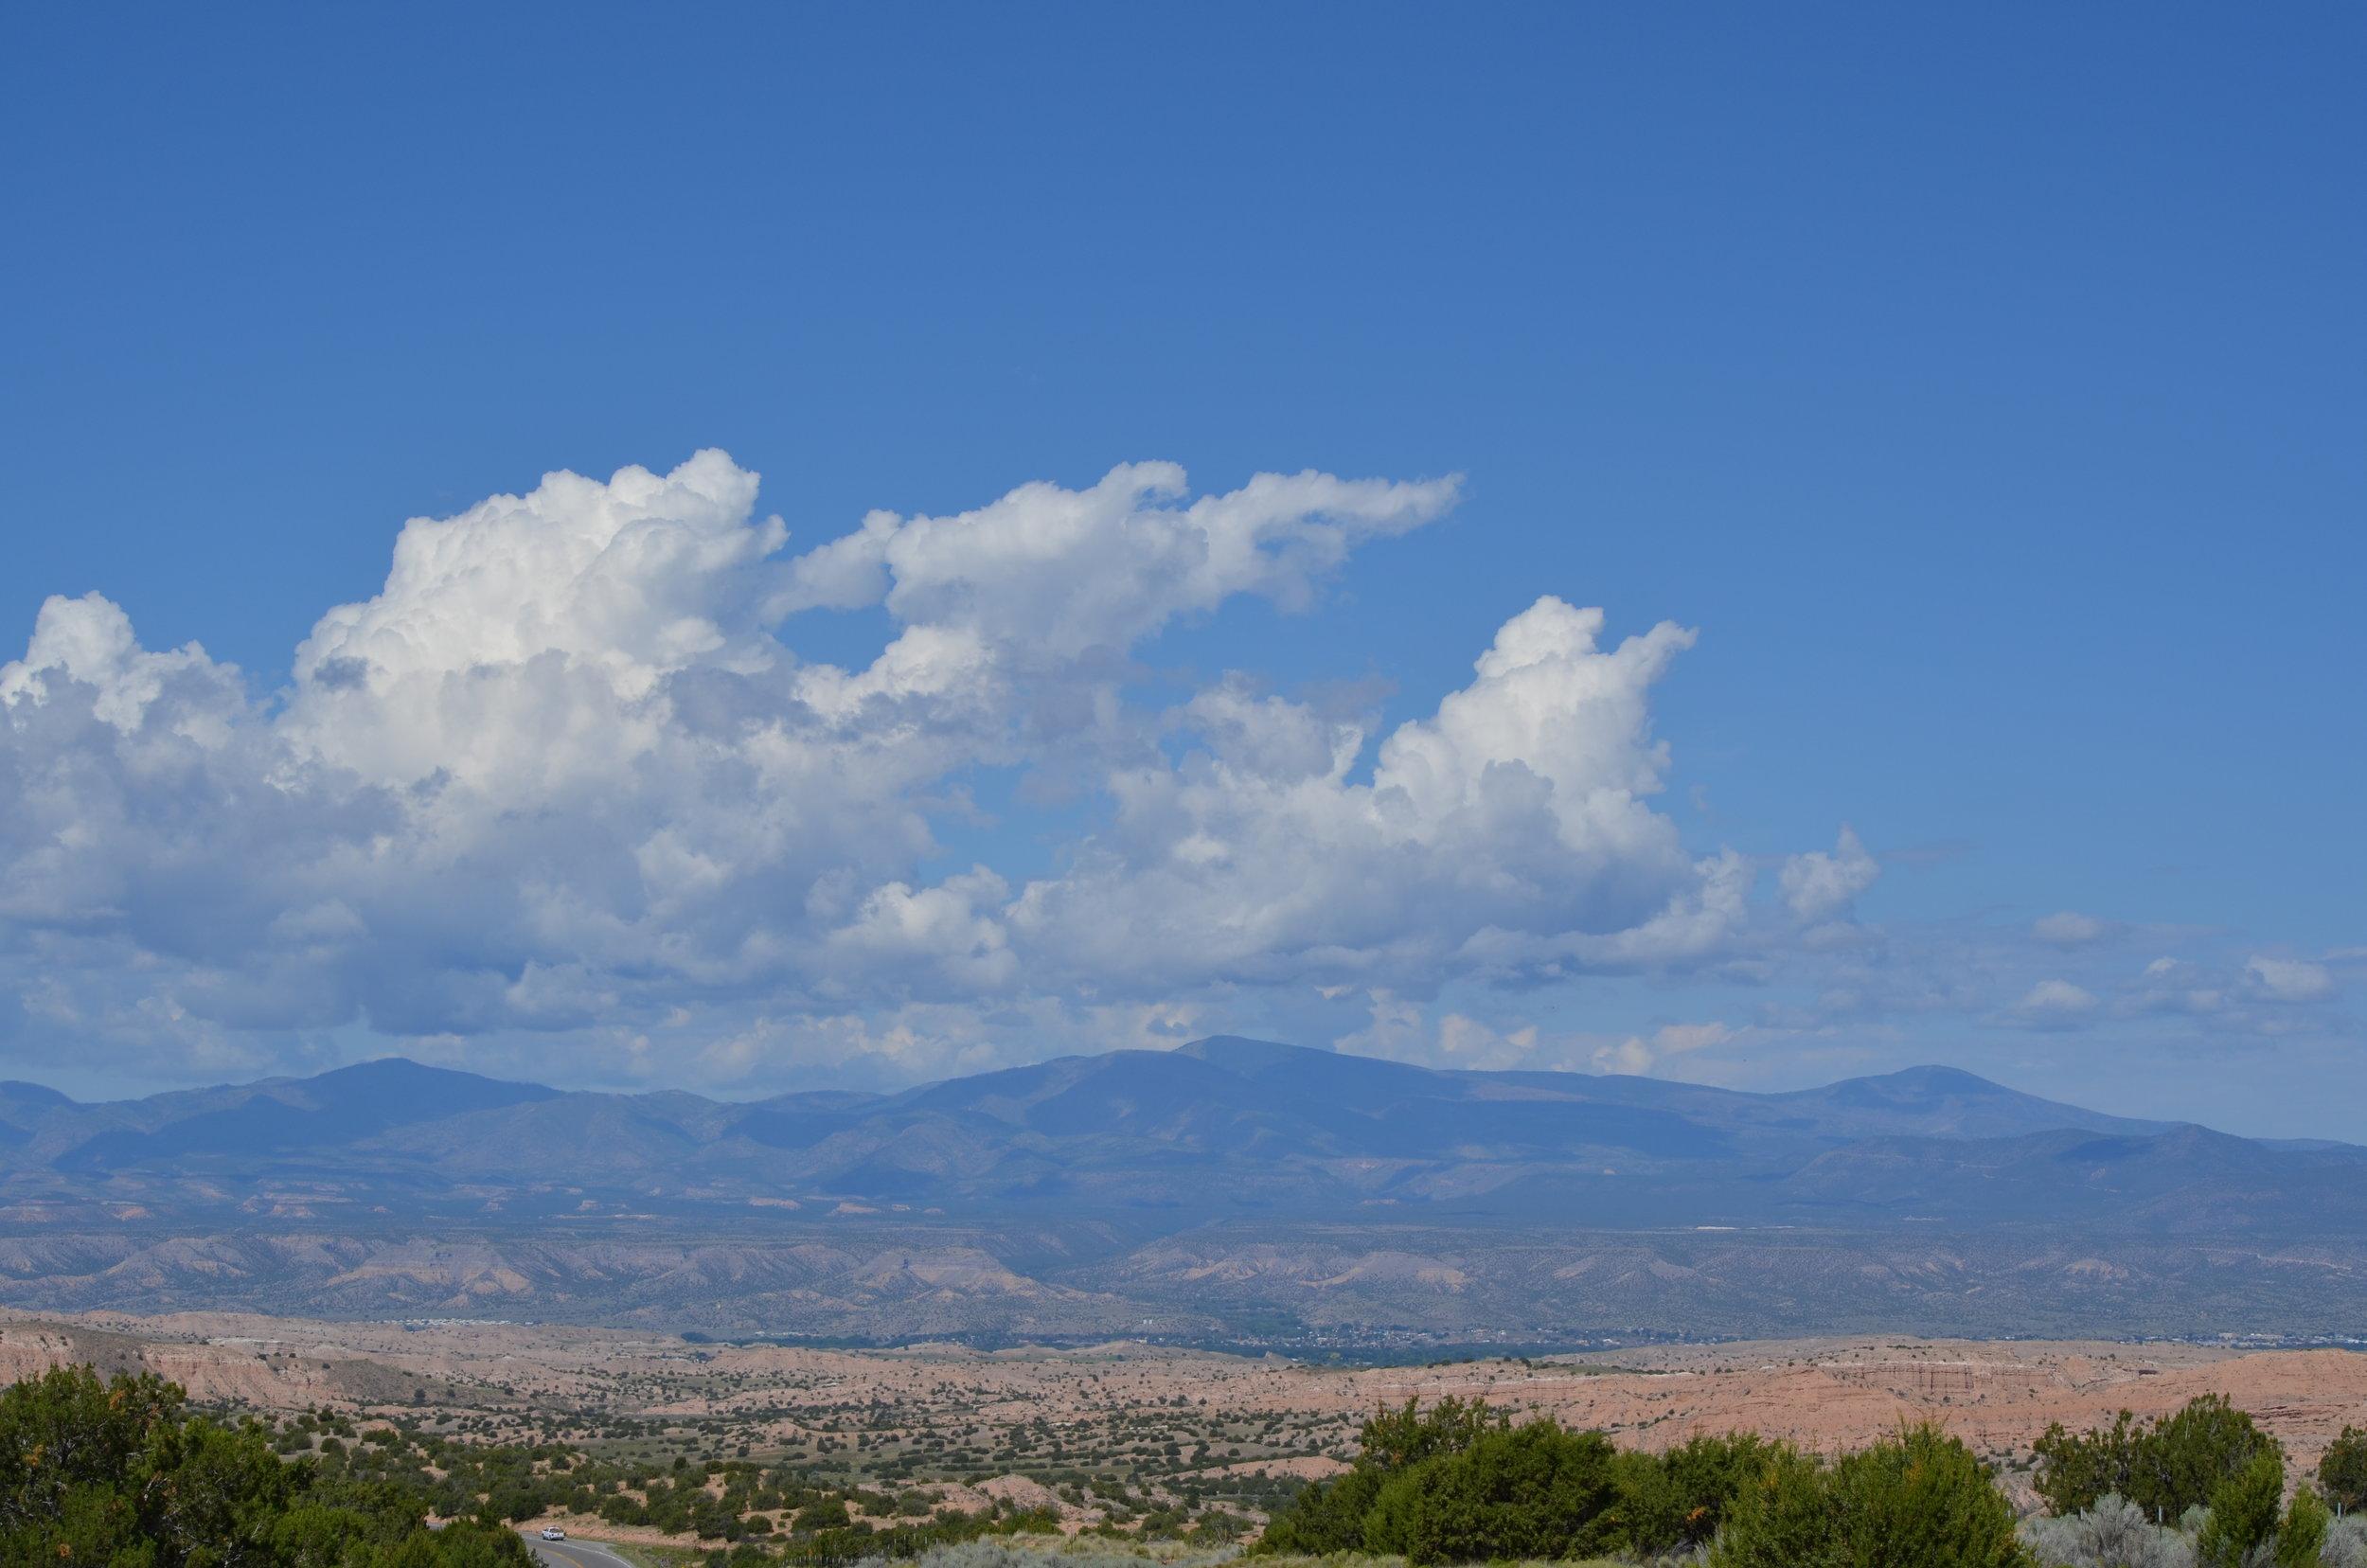 New Mexico / warporweft.com